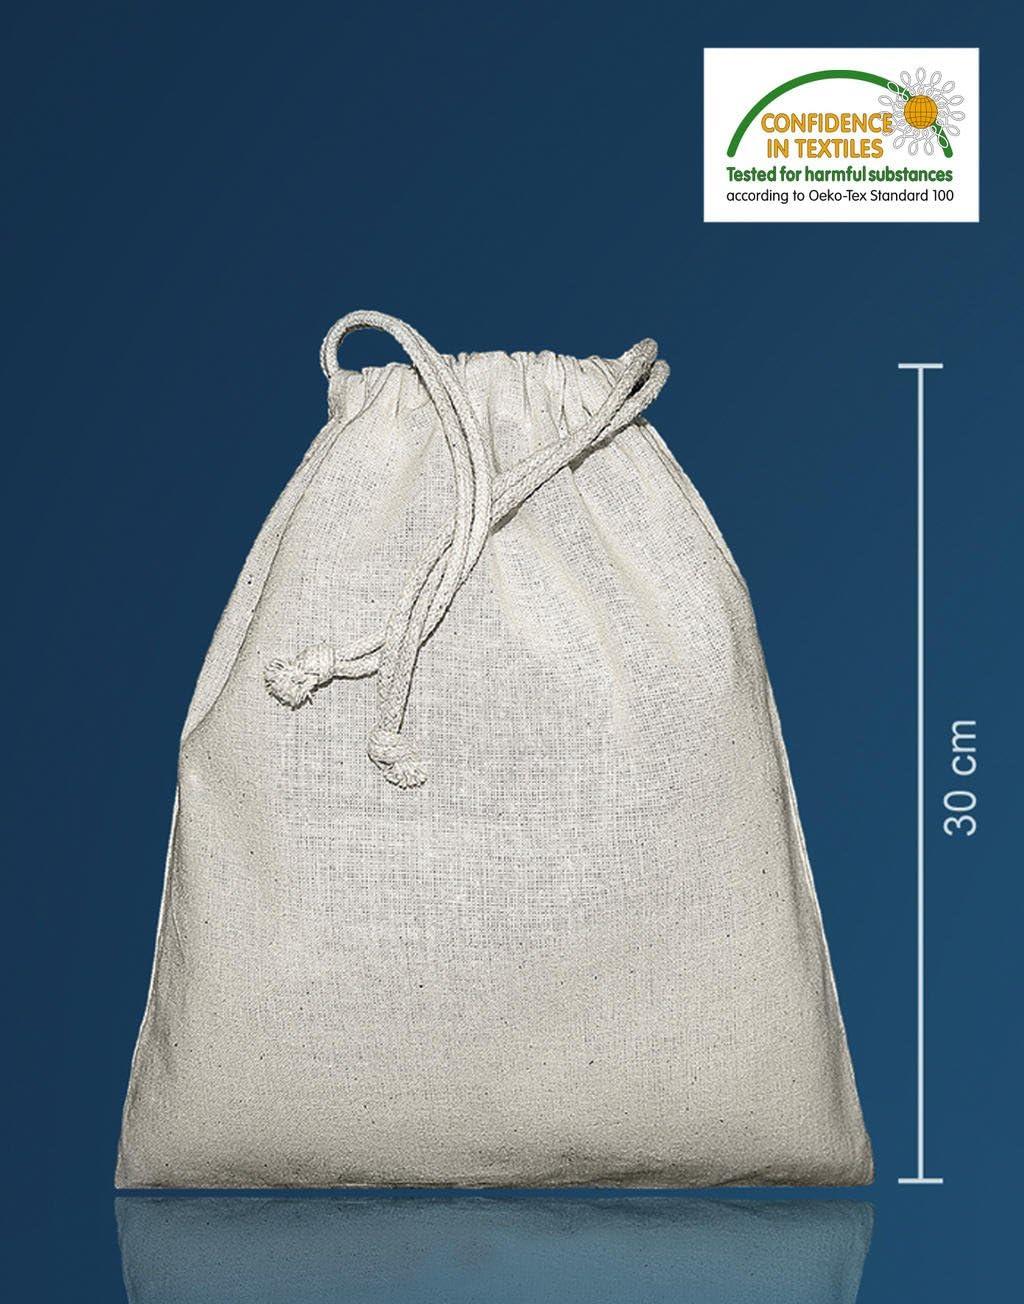 Bolsa de tela zuzieh Bolsa con cordón Natural 25 X 30 cm, 10 unidades): Amazon.es: Hogar